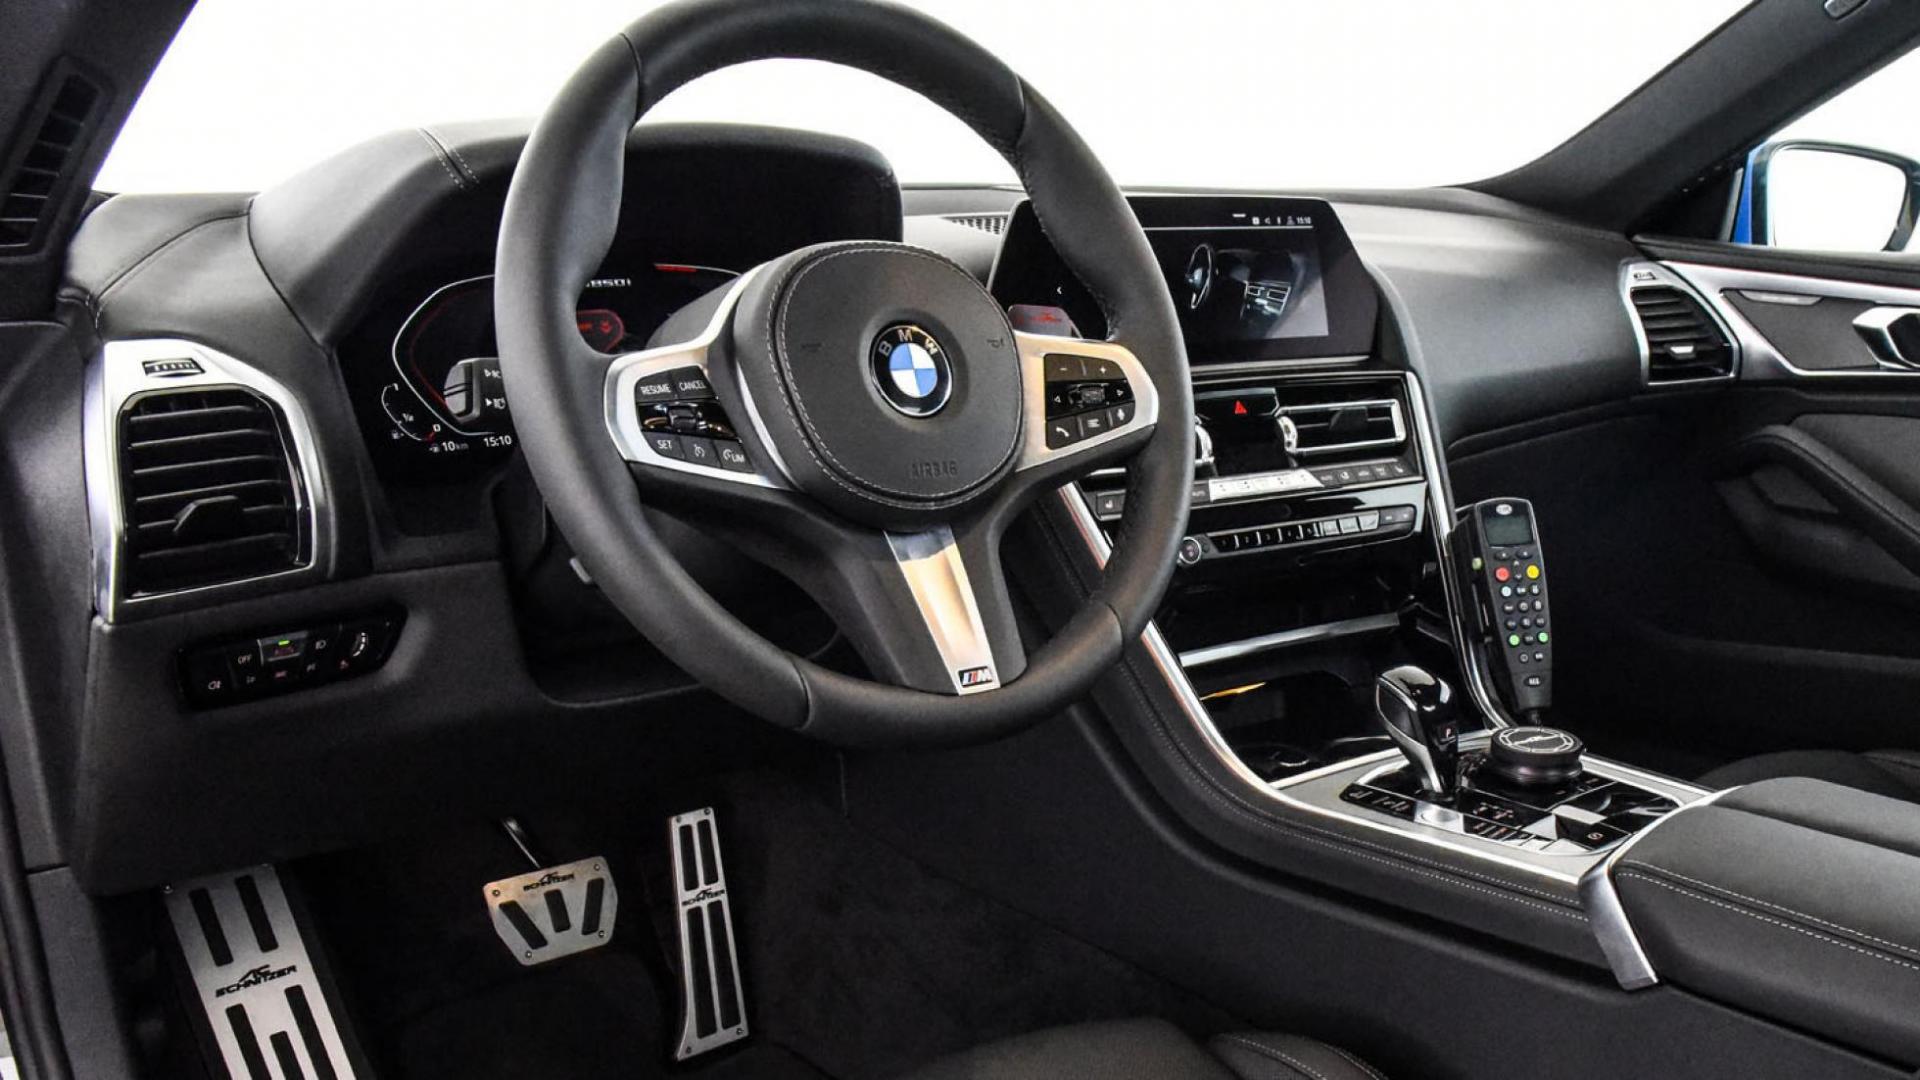 Polizei BMW 850i AC Schnitzer